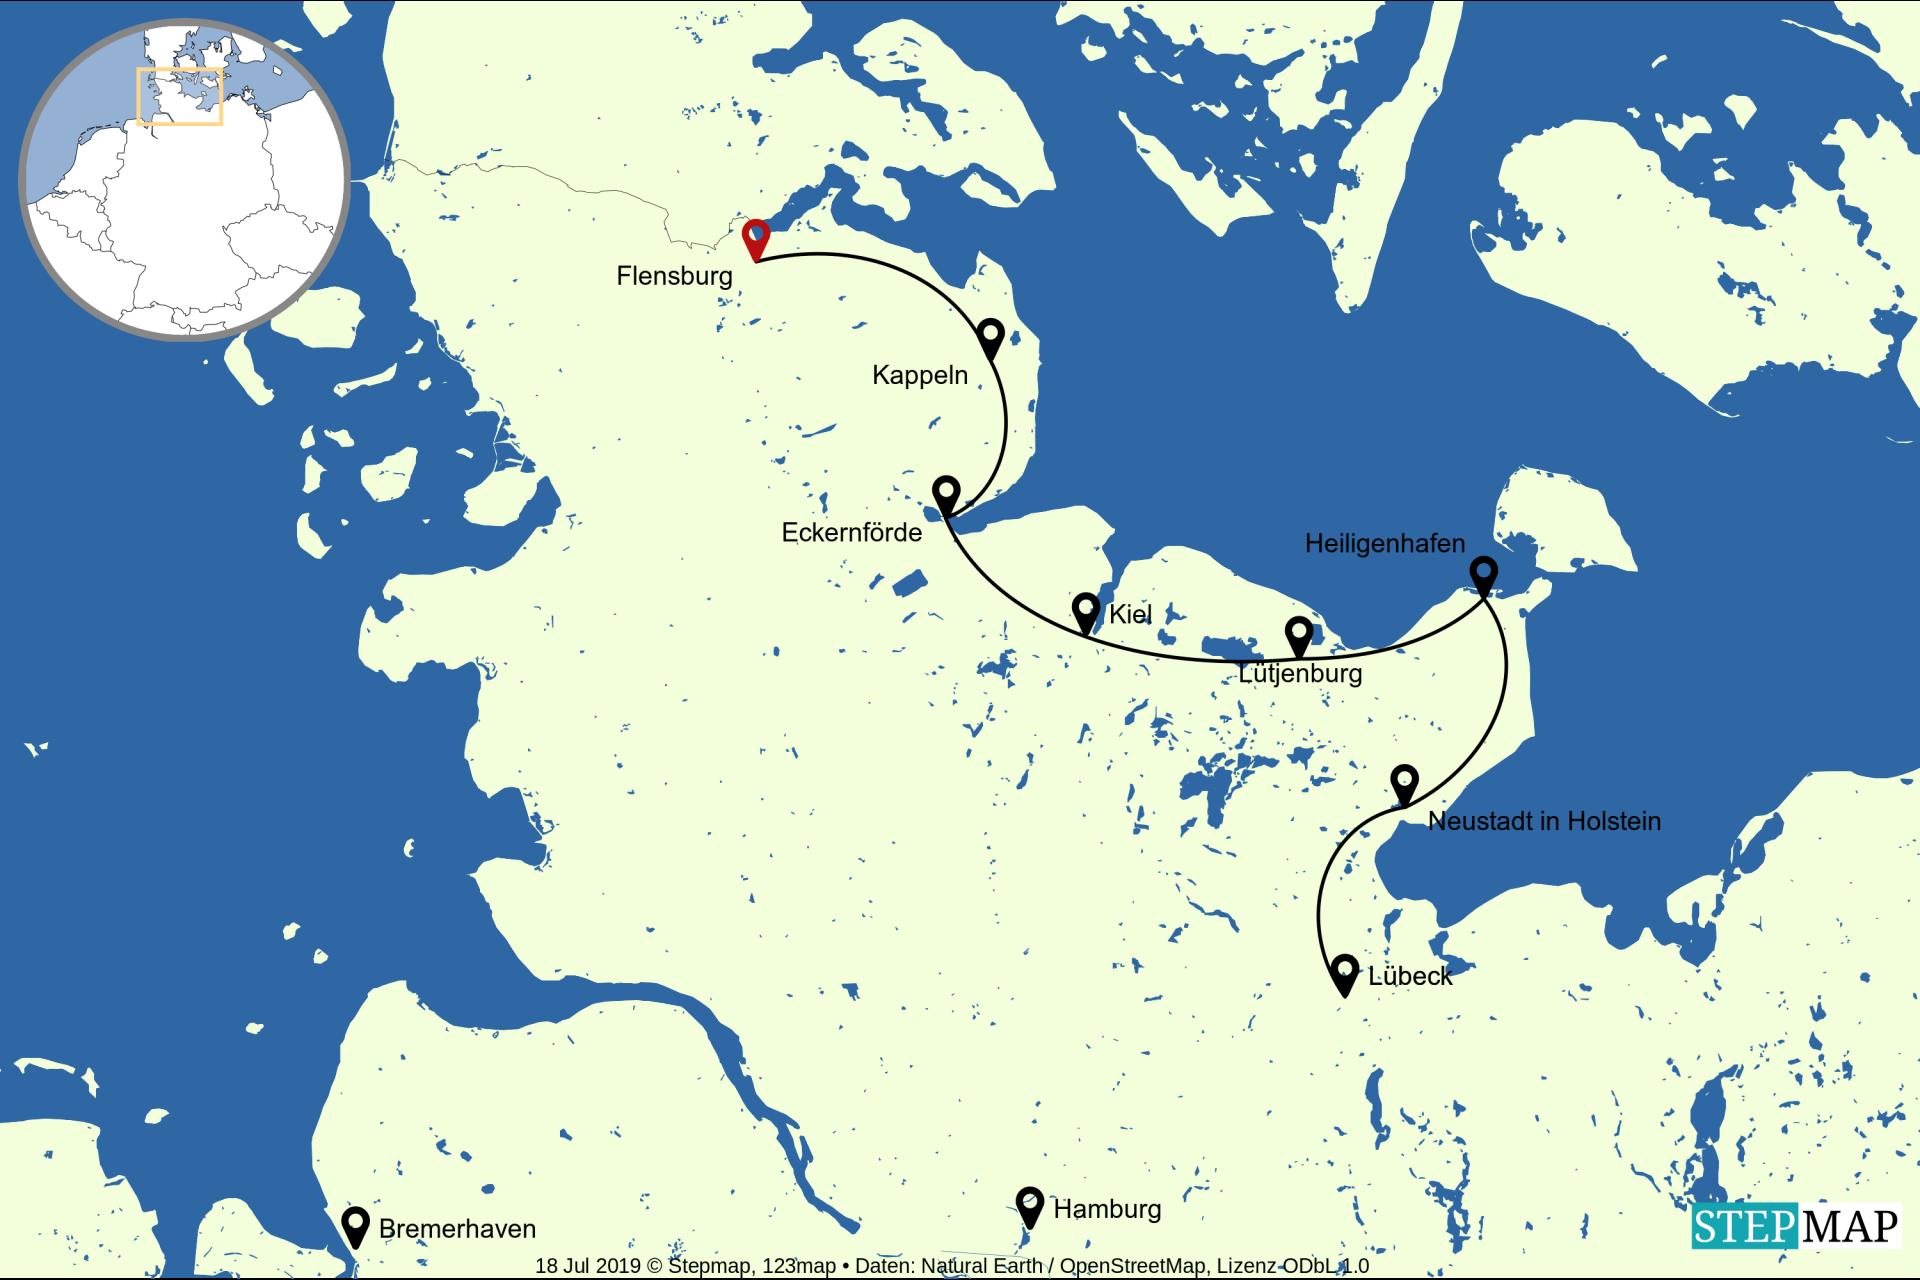 kaart van de fietsvakantie langs de Ostzee van Flensburg naar Lübeck